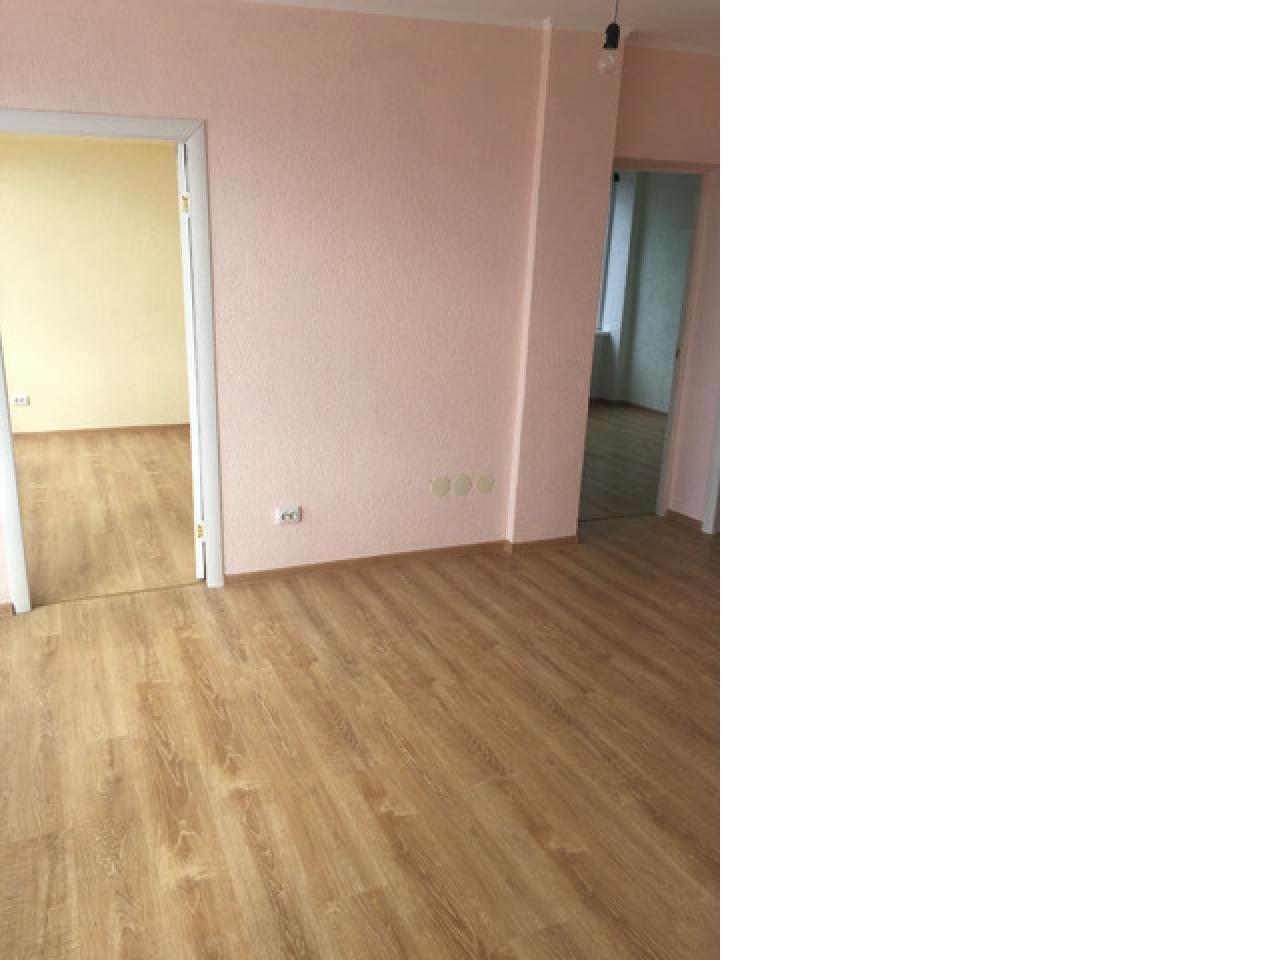 3-х комнатная квартира в Алупке, Крым, РОССИЯ  цена £87,000 Пишите, звоните! - 3